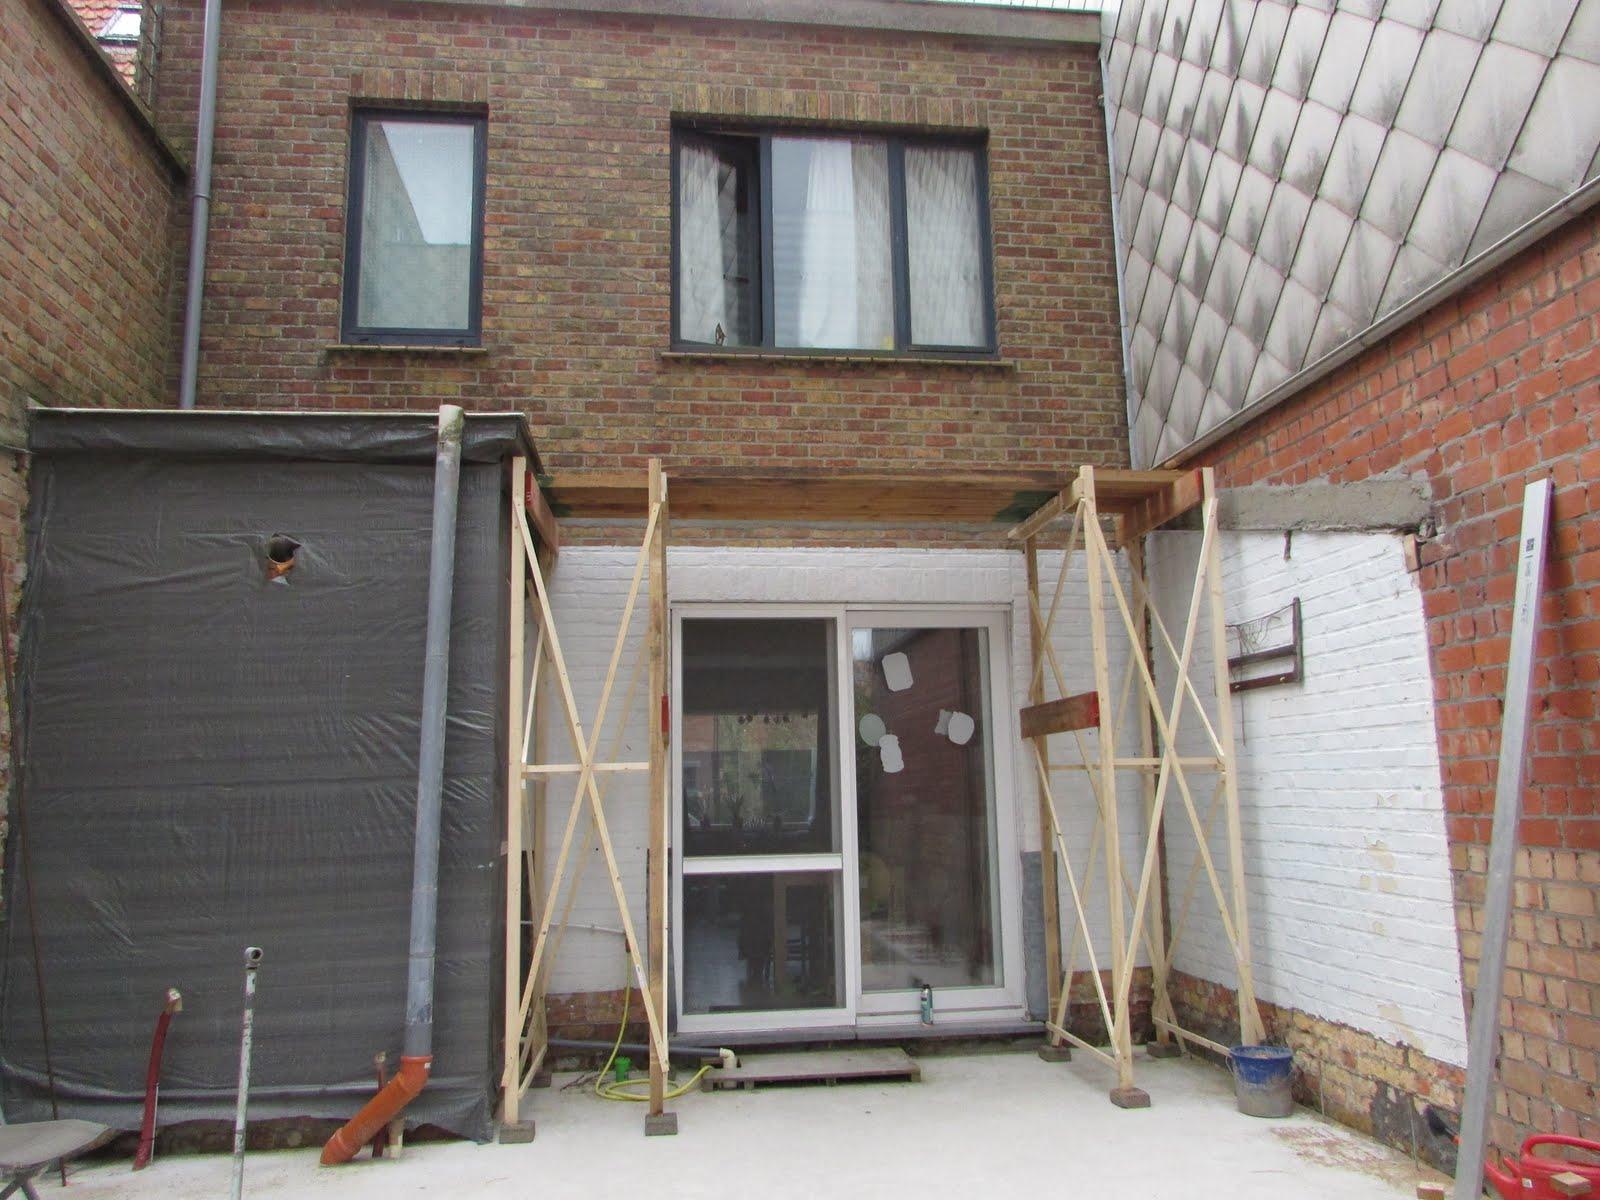 Verbouwing van ons ouderlijk huis stelling geplaatst - Stenen huis uitbreiding ...